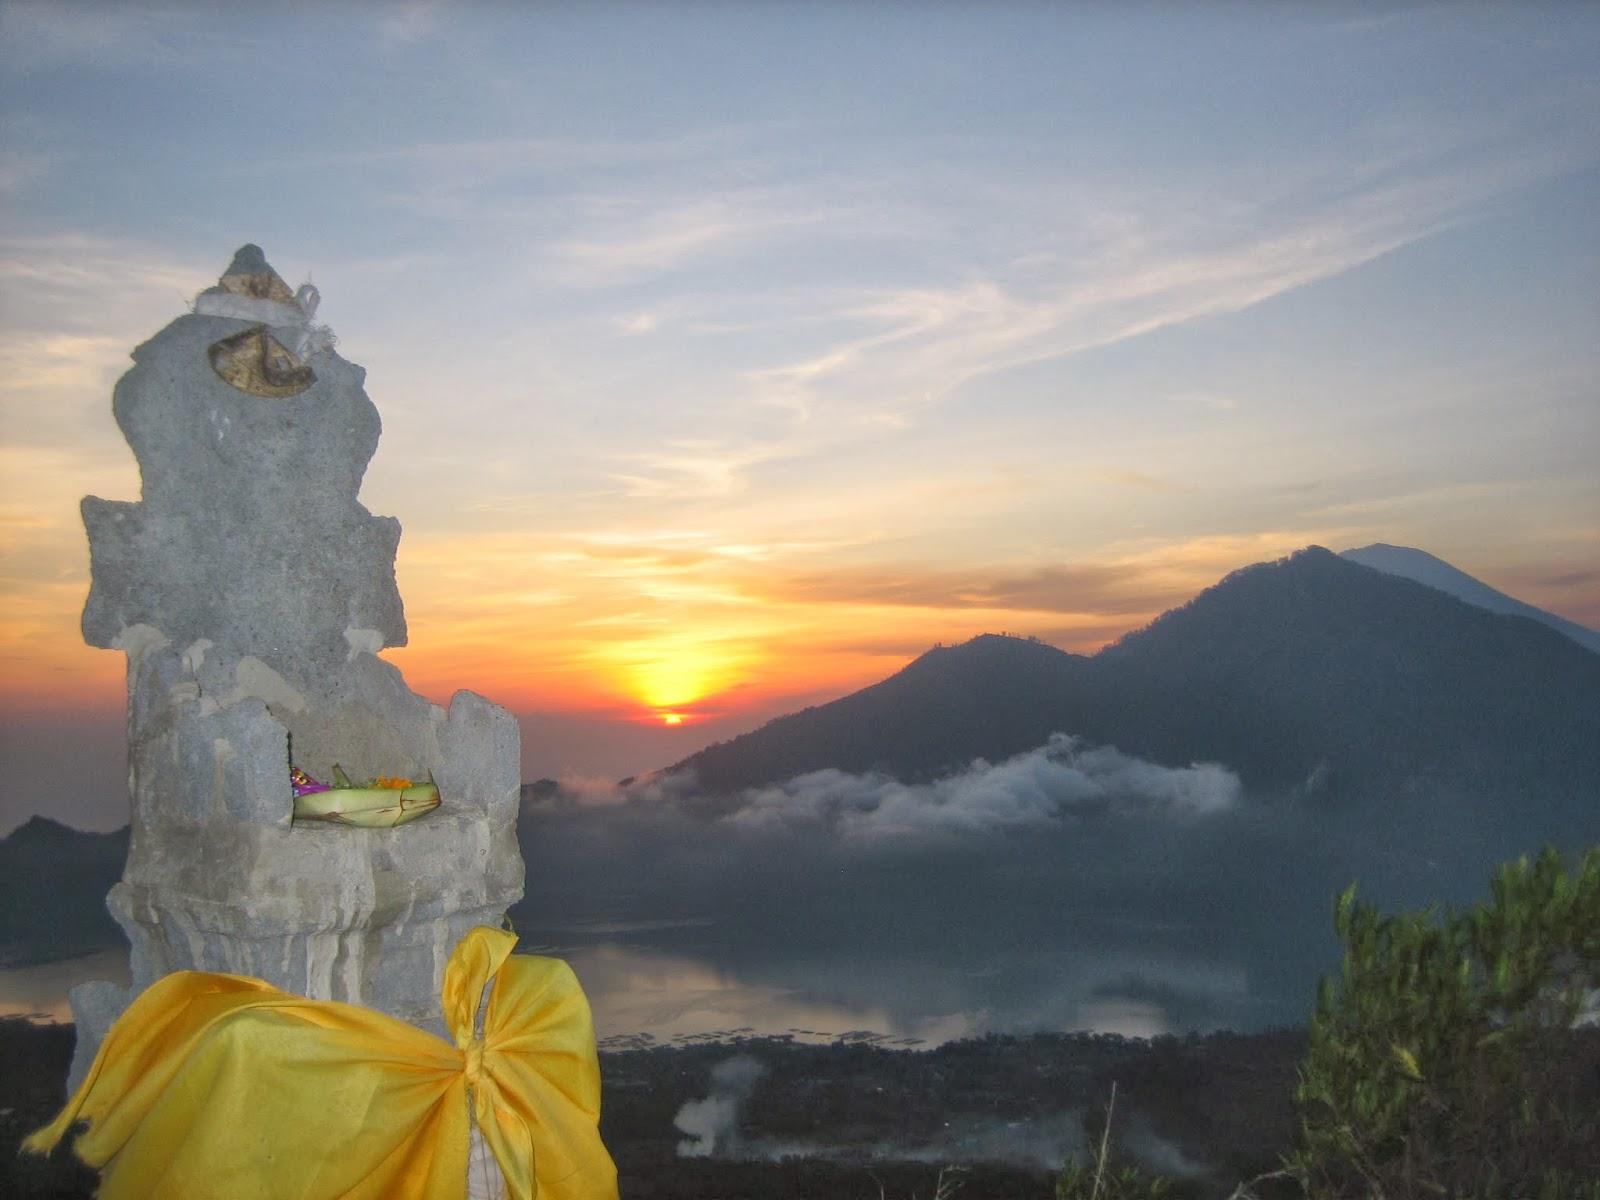 mt-batur-sunrise-hindu-offering-volcano-trek